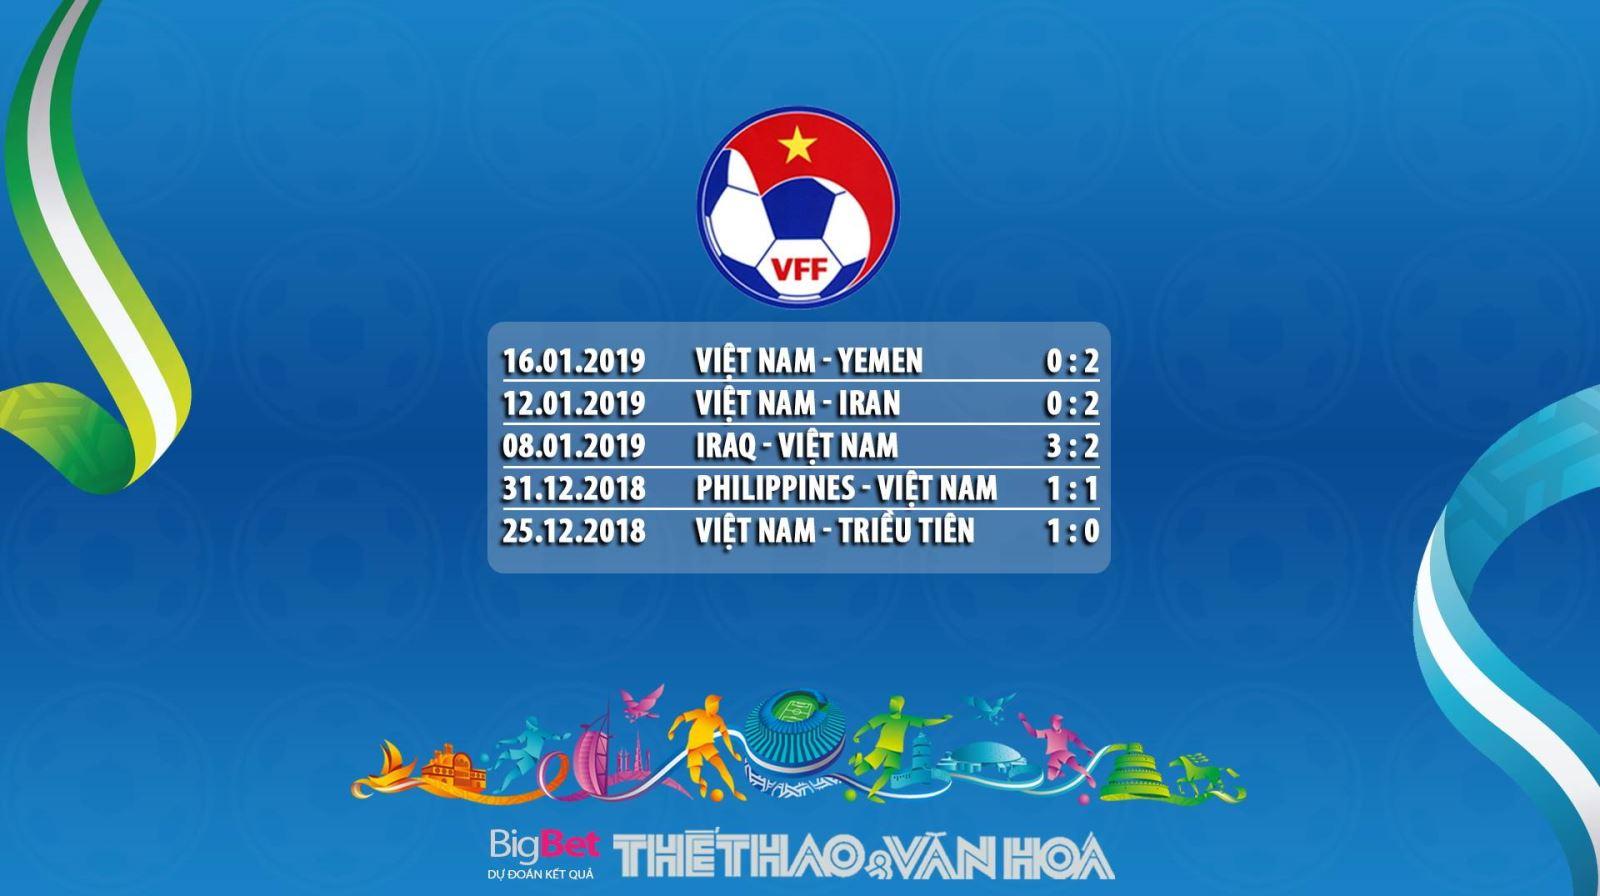 Trực tiếp Việt Nam vs Jordan, truc tiep Viet Nam vs Jordan, truc tiep Vietnam vs Jordan, trực tiếp Việt Nam với Jordan, truc tiep Viet Nam với Jordan, trực tiếp Việt Nam đấu với Jordan, trực tiếp Việt Nam gặp Jordan, trực tiếp Việt Nam, truc tiep Viet Nam, truc tiep bong da Viet Nam, trực tiếp bóng đá Việt Nam hôm nay